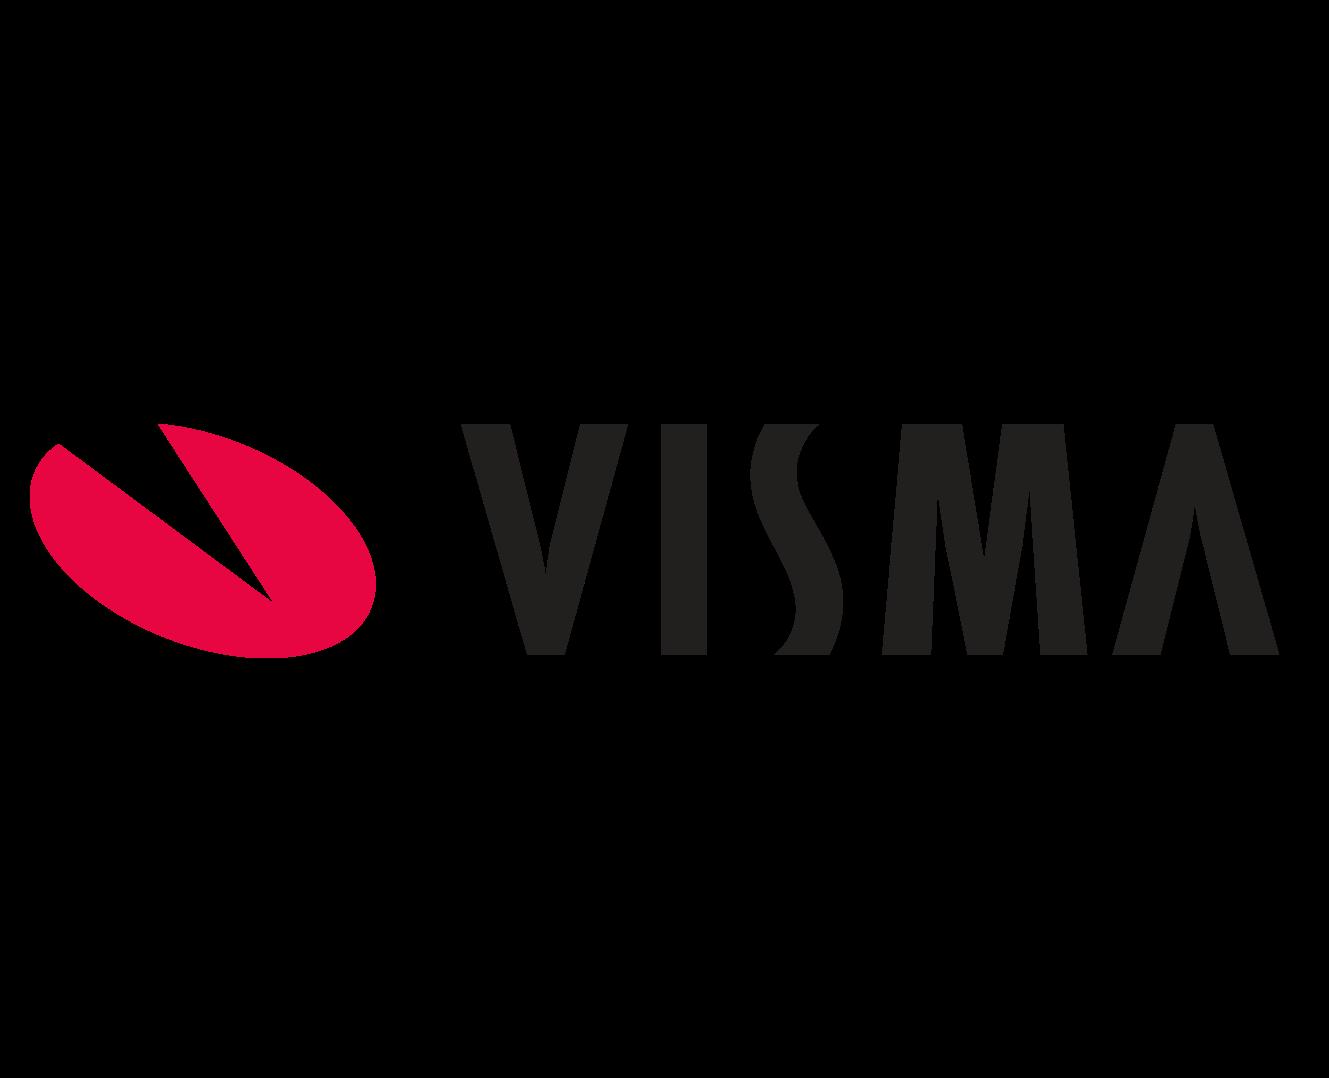 Visma: Junior ohjelmistokehittäjä